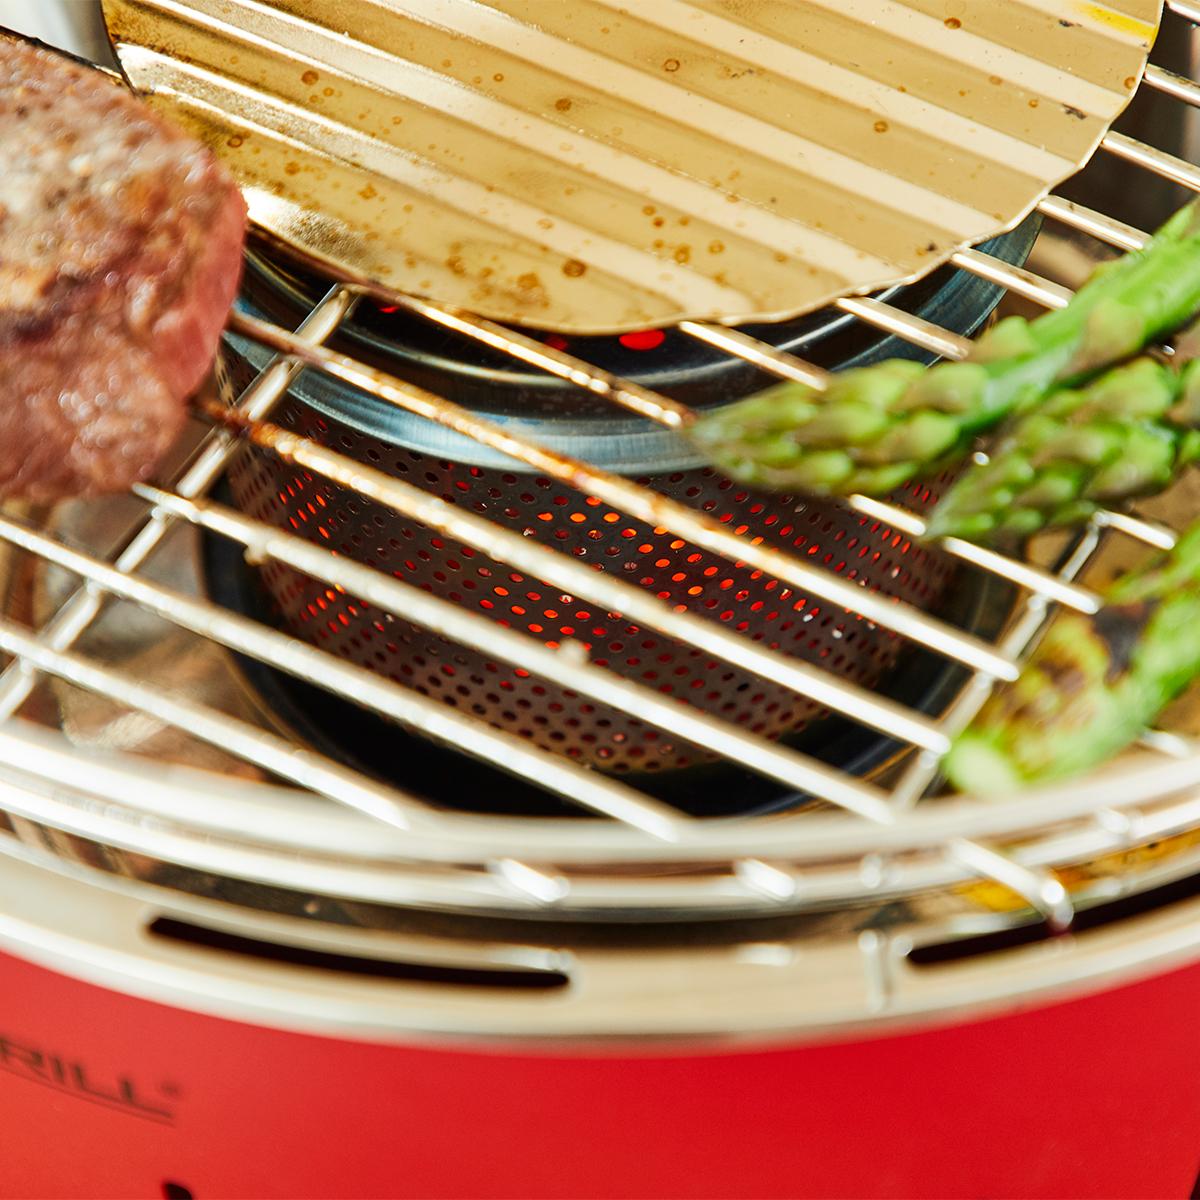 カンタン着火で、初心者でも安心。煙が少ない火力調節ファン付きロースターで、大人の気楽なBBQができる「炭火焼グリル」(一人キャンプ、ソロBBQに)|Lotus Grill